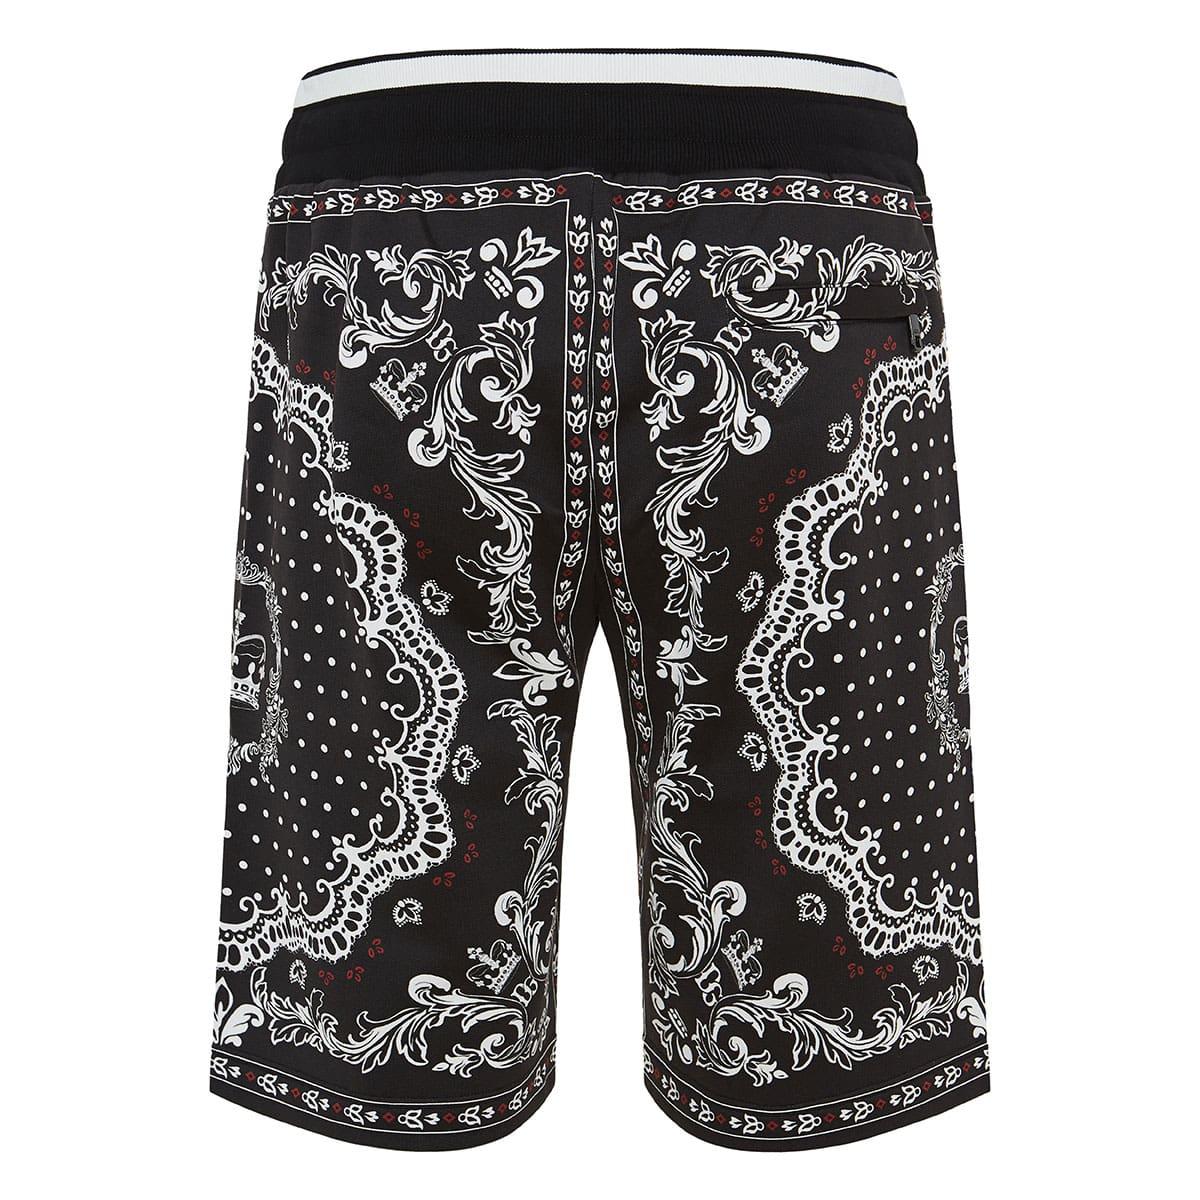 Bandana and Crown printed track shorts